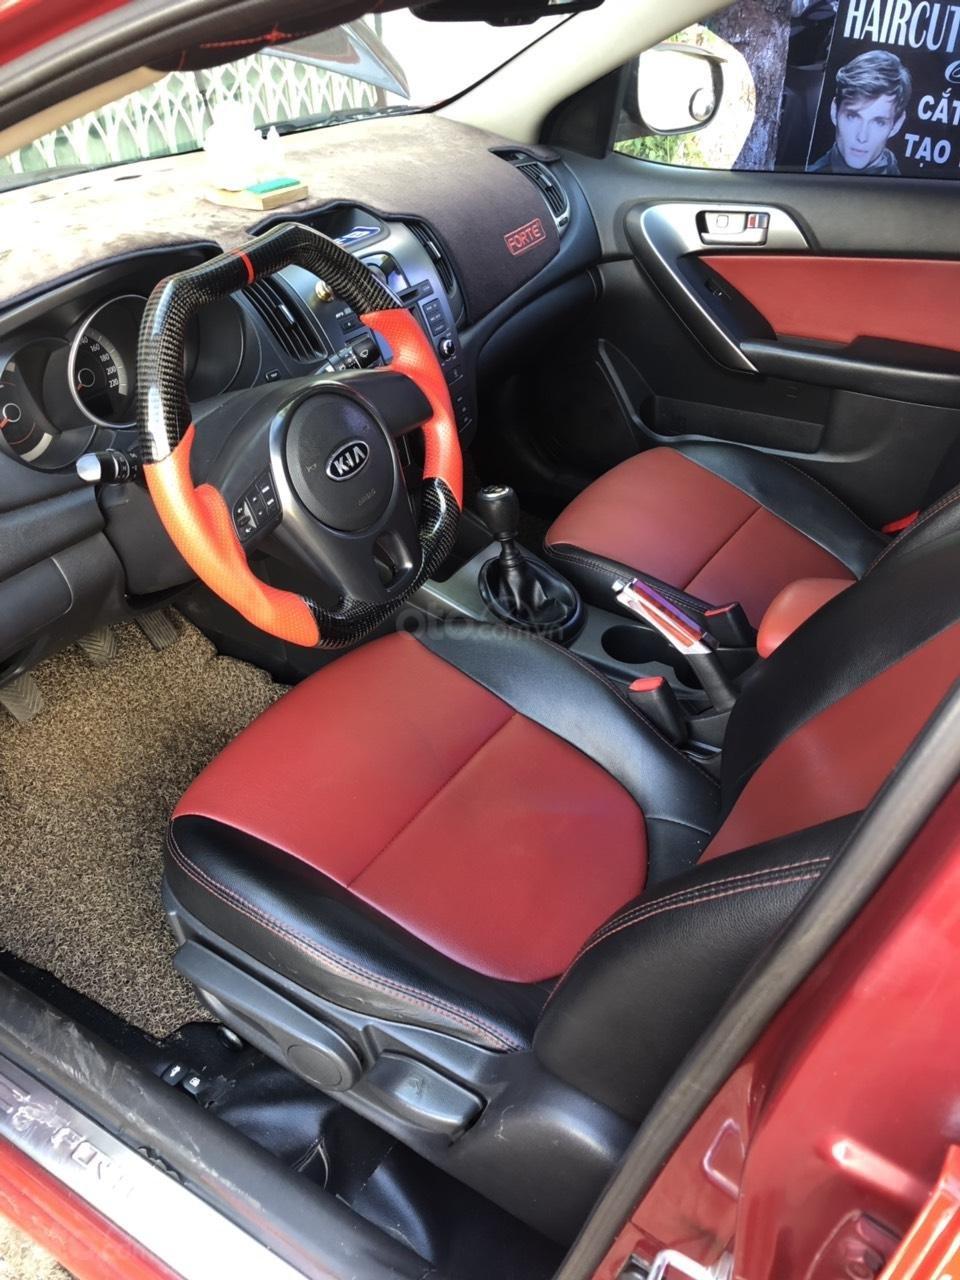 Cần bán Kia Forte sx 2010, xe full đồ chơi tầm 80tr, xe mình đi nên giữ gìn kĩ, xem xe thích ngay, LH: 0988644446 (7)